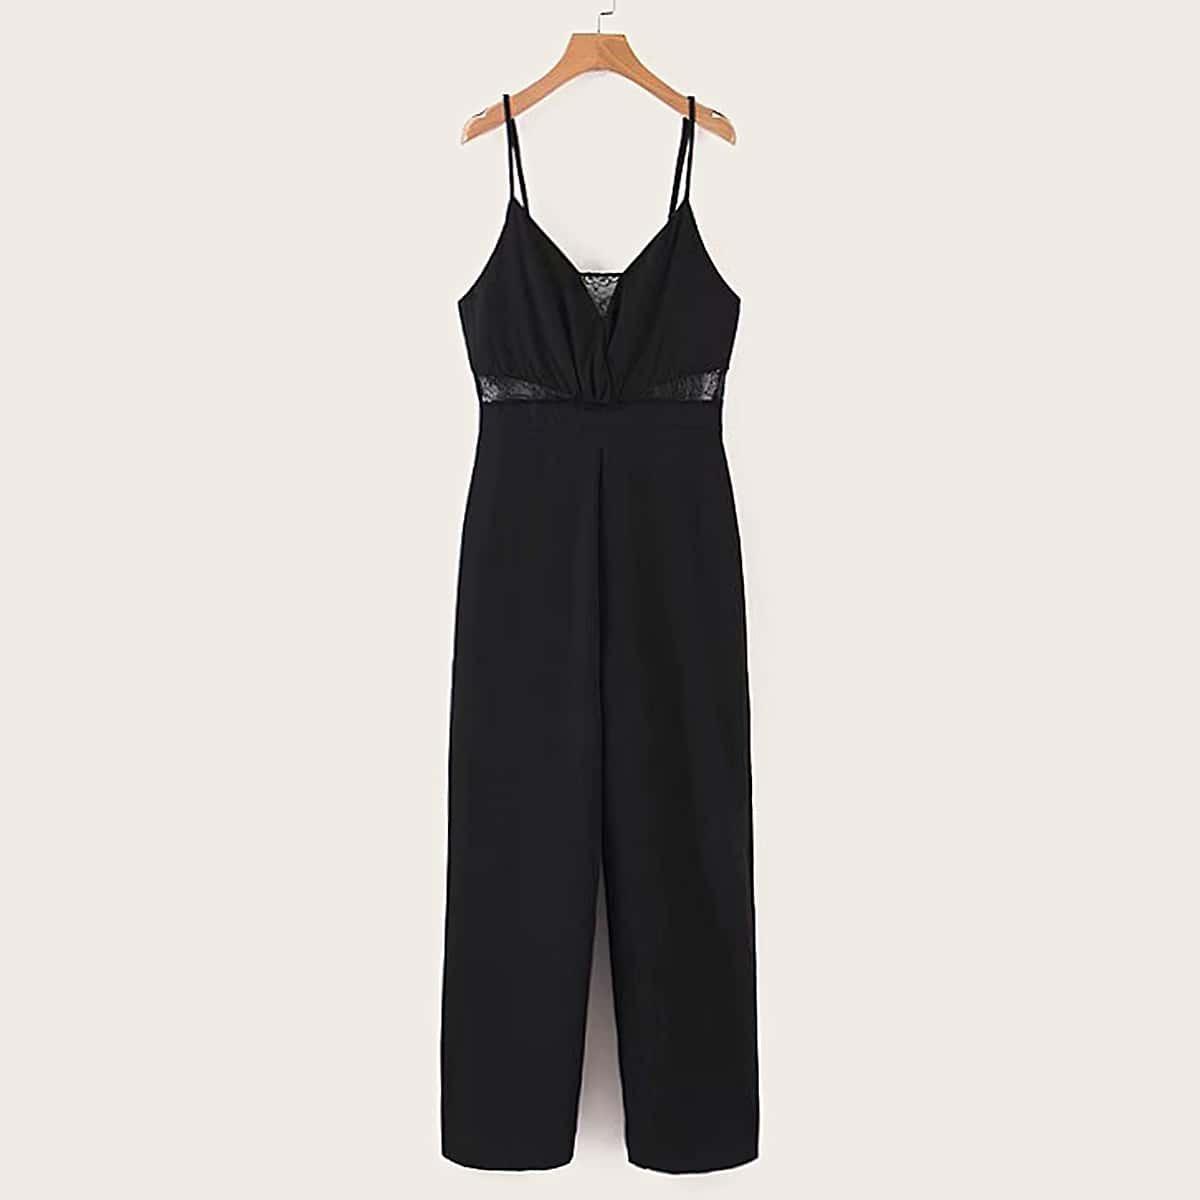 SHEIN / Cami Jumpsuit mit Spitzen und Reißverschluss hinten